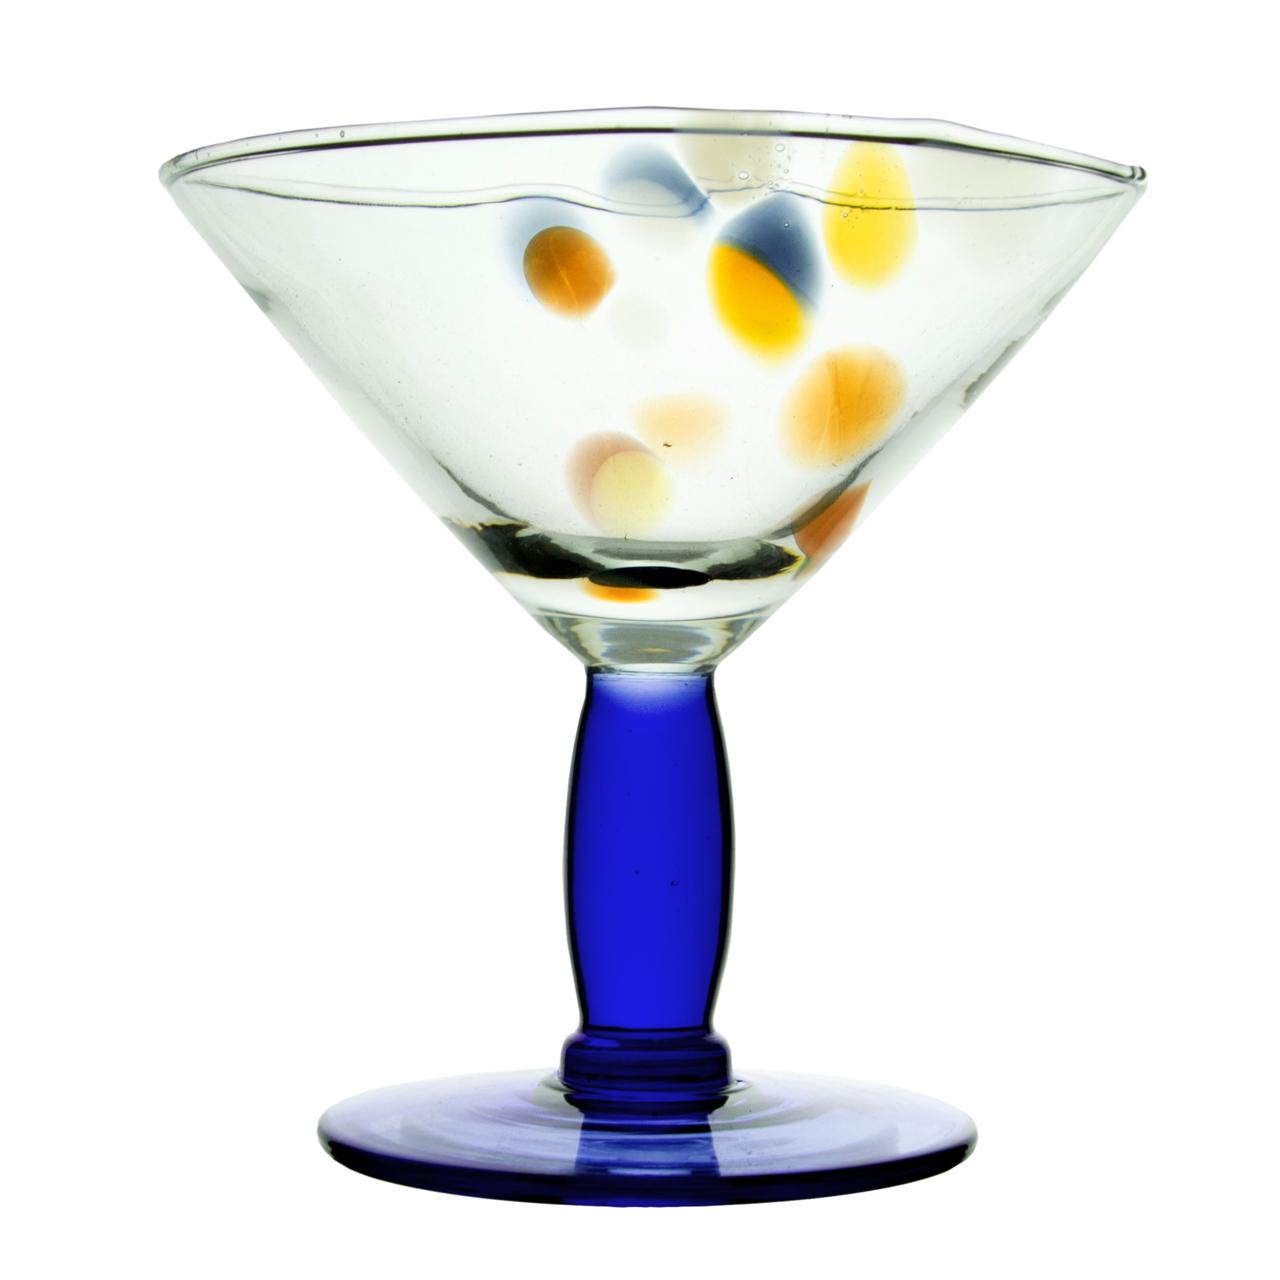 Cupa Cu Picior Albastru Din Sticla 16 Cm